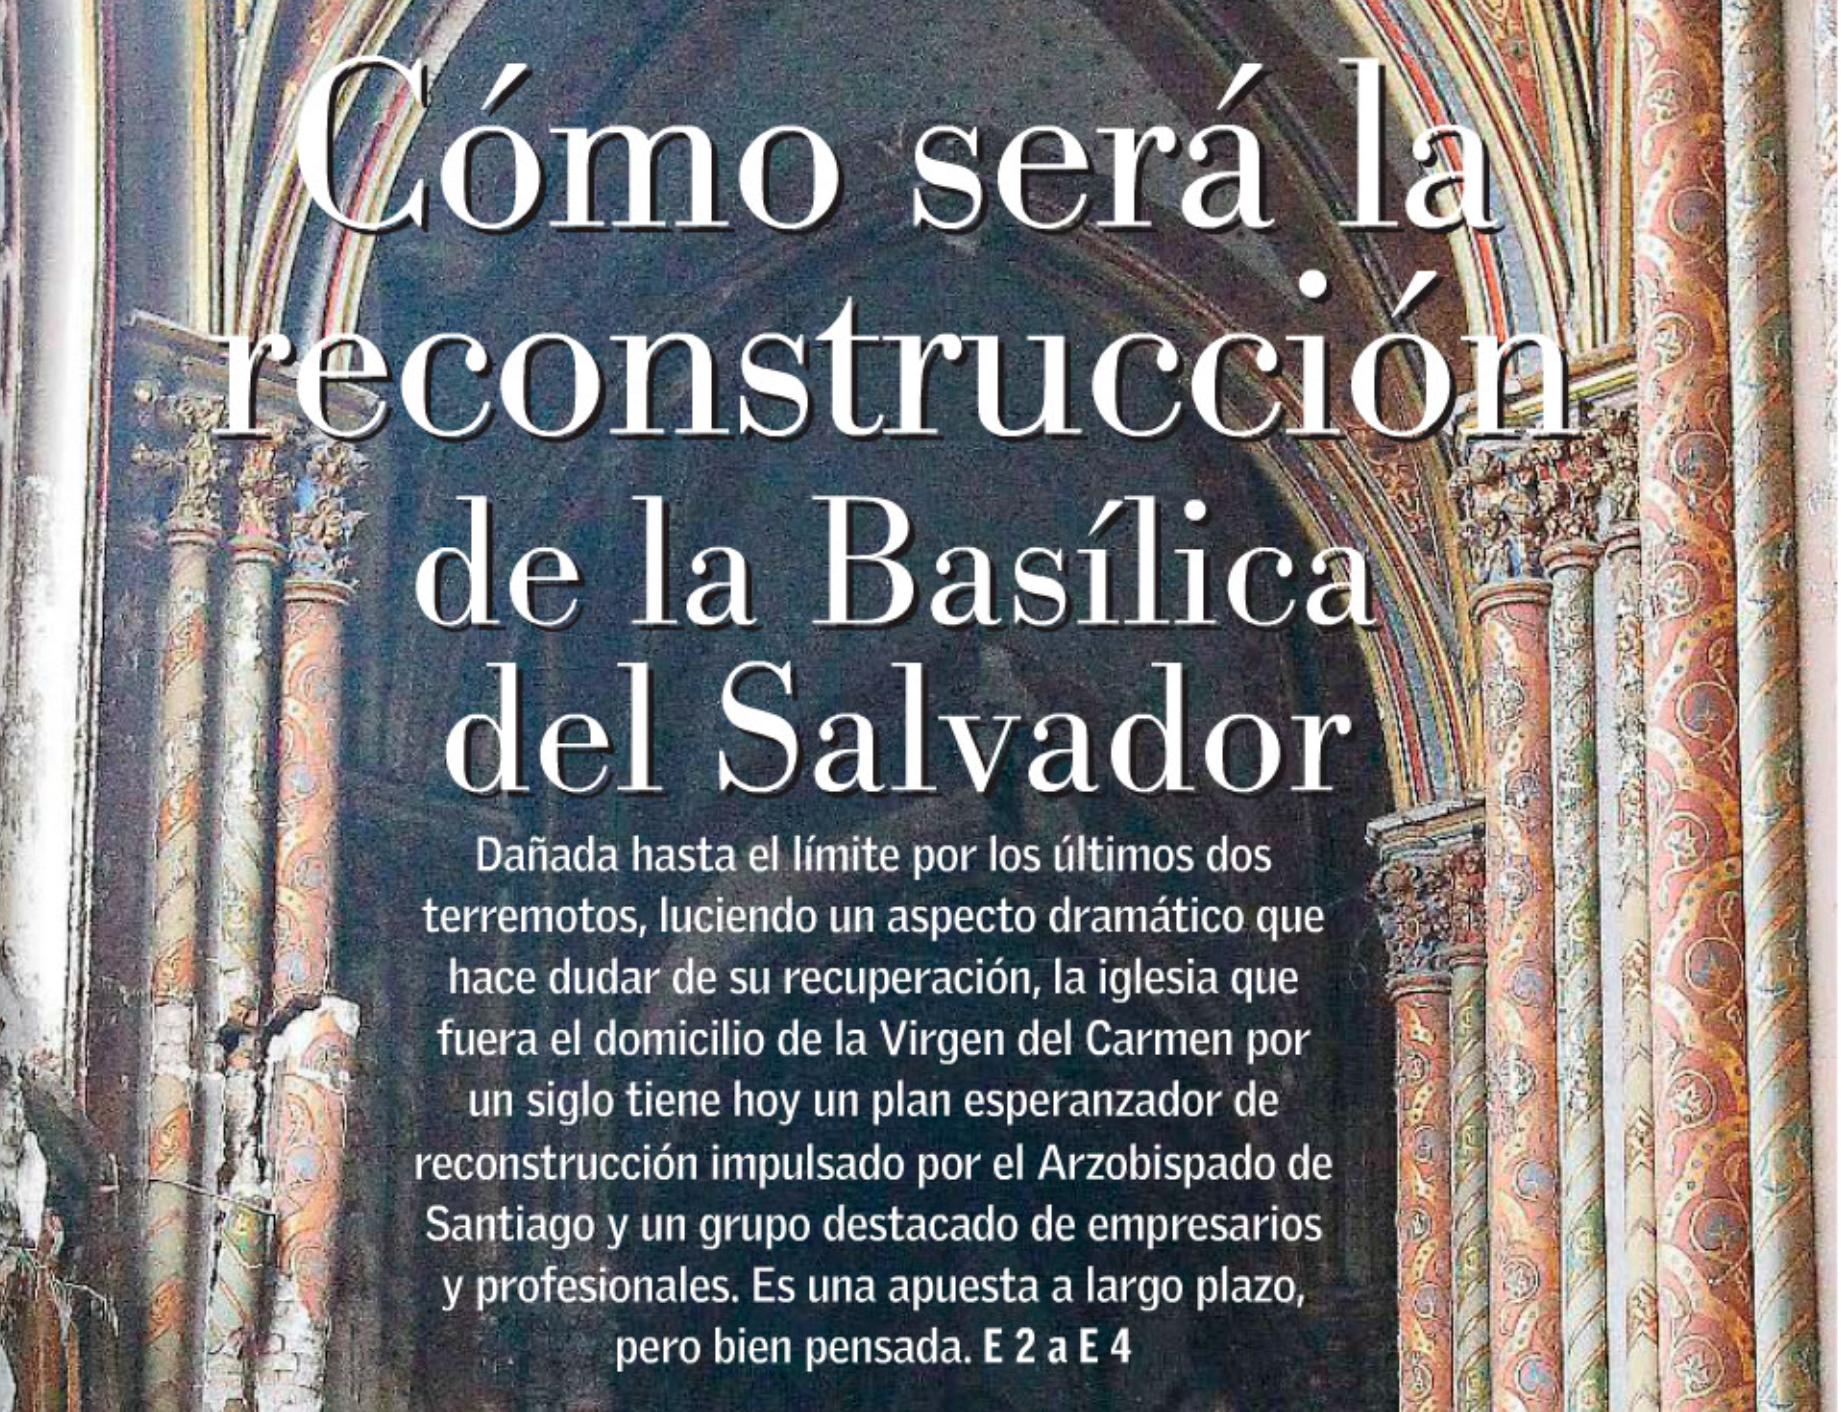 Cómo será la reconstrucción de la Basílica del Salvador